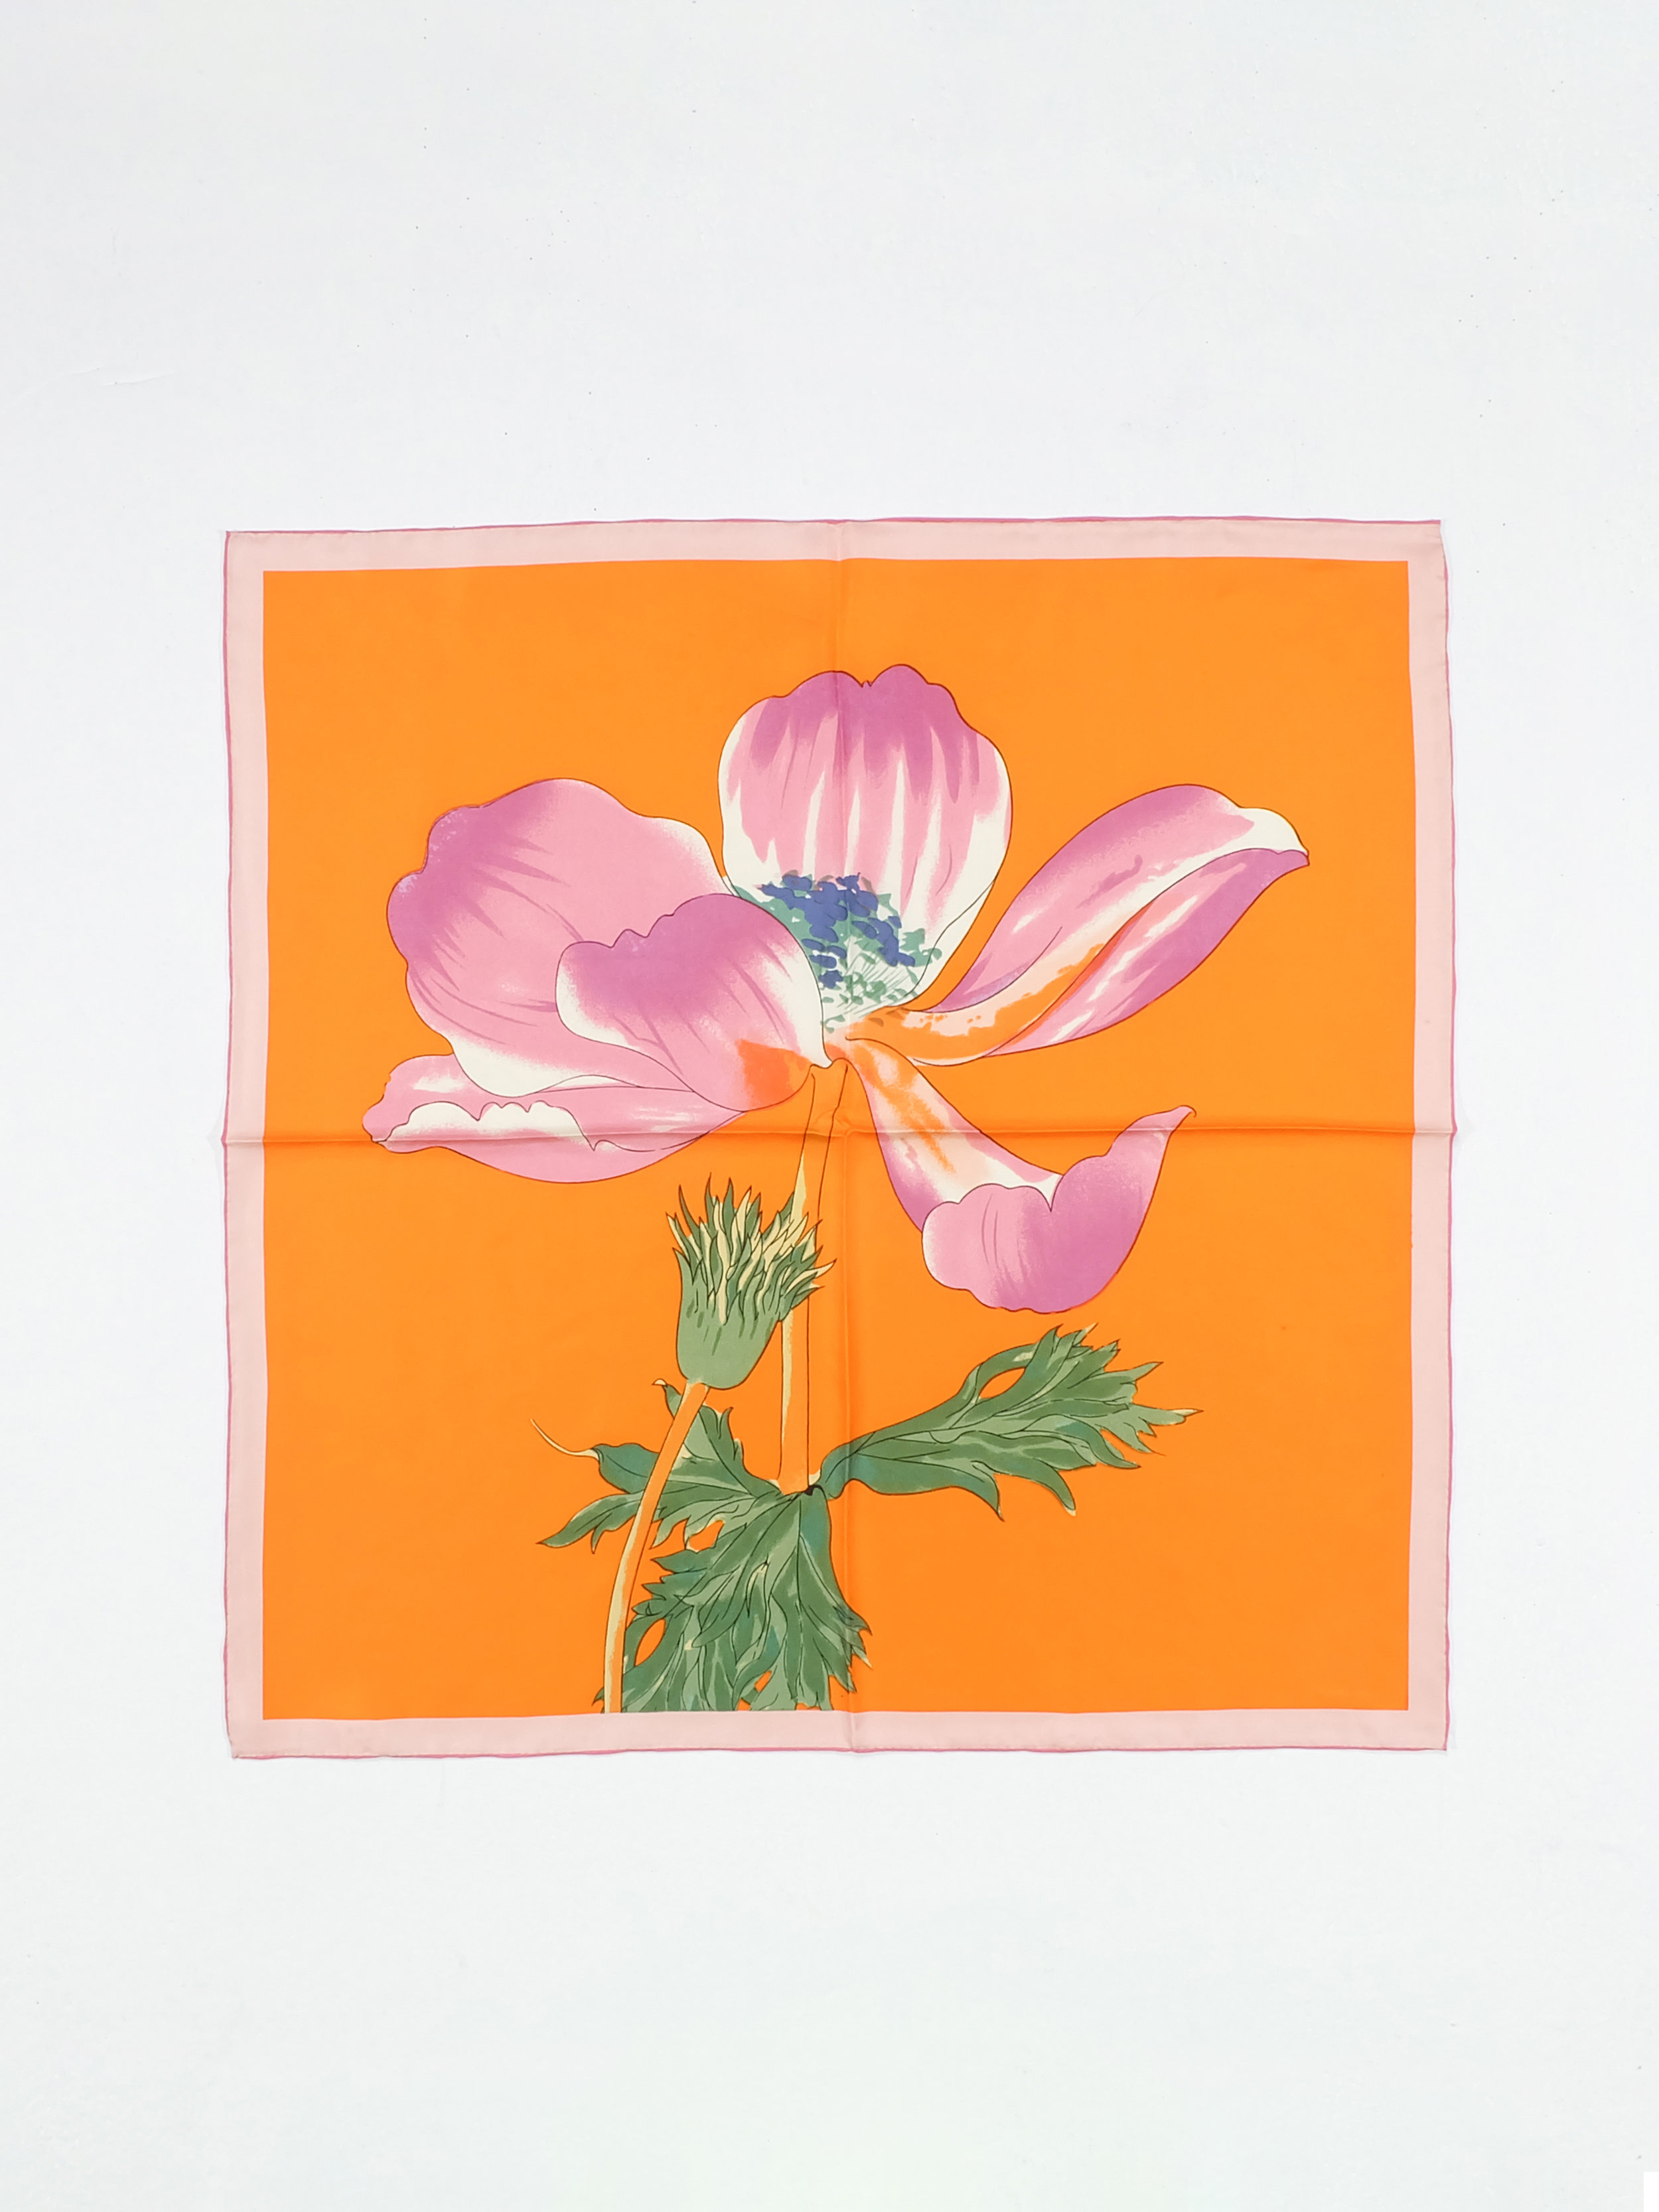 Soaking in the Day (Orange) - 66x66cm